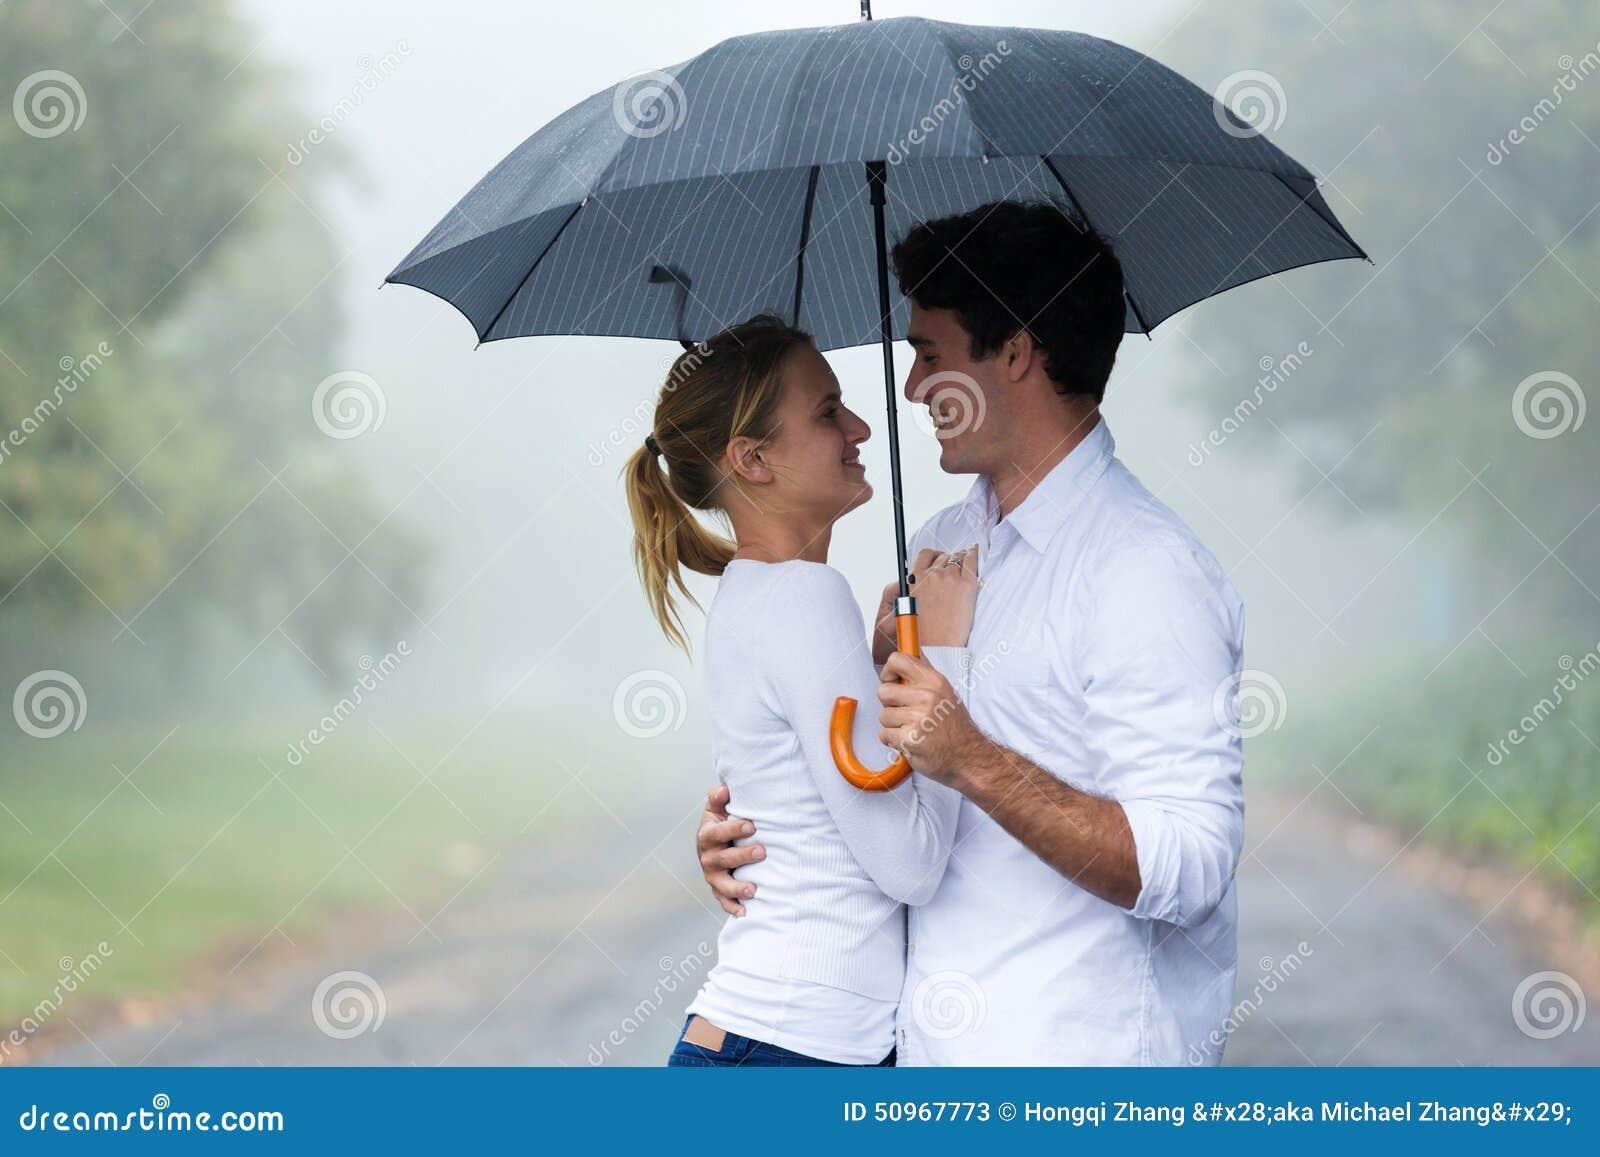 Kvinnapojkvänparaply